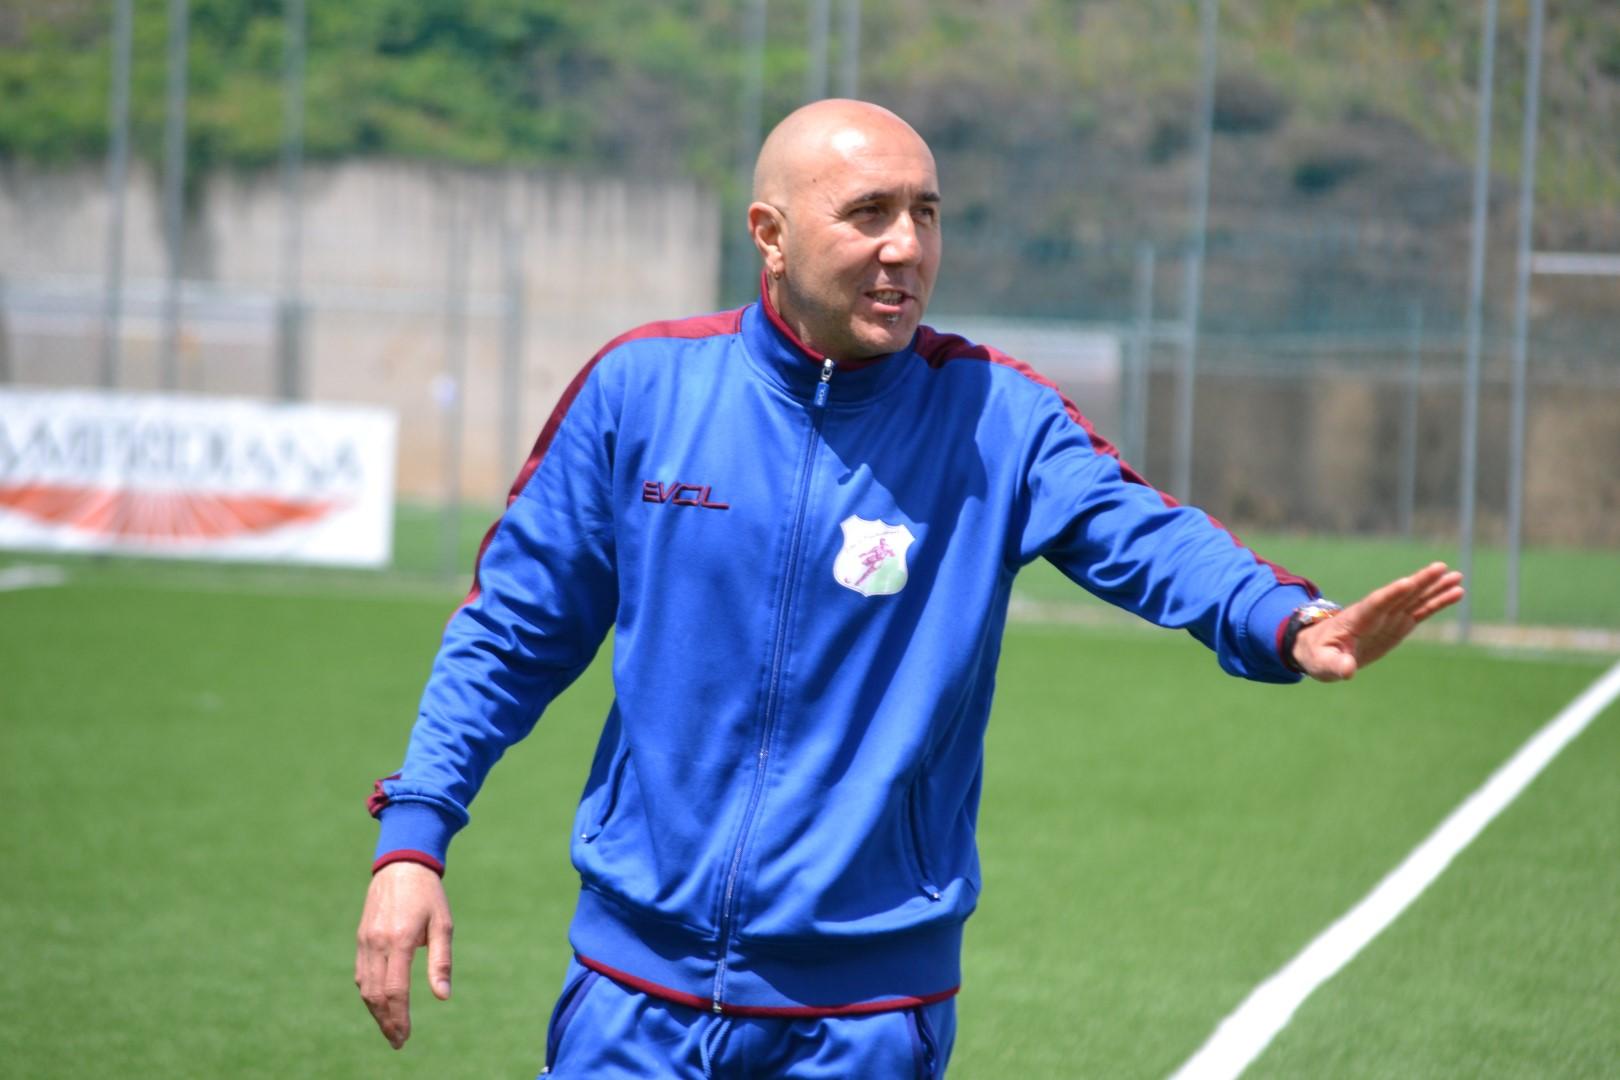 Cesare Maiolatesi